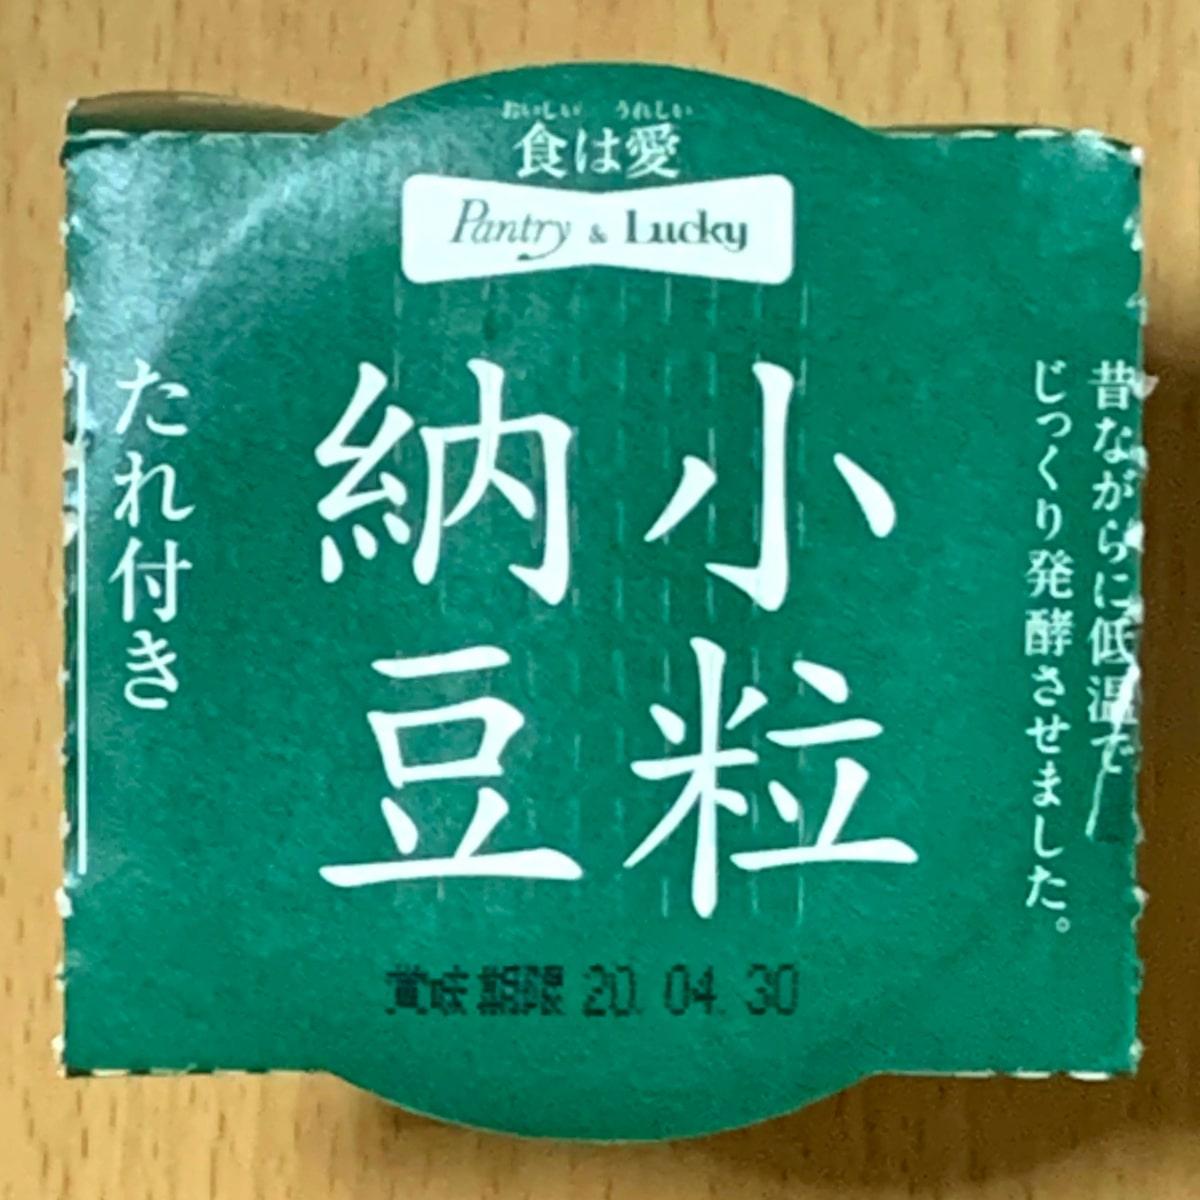 「有機認定大豆使用 小粒納豆」一個に分けた画像